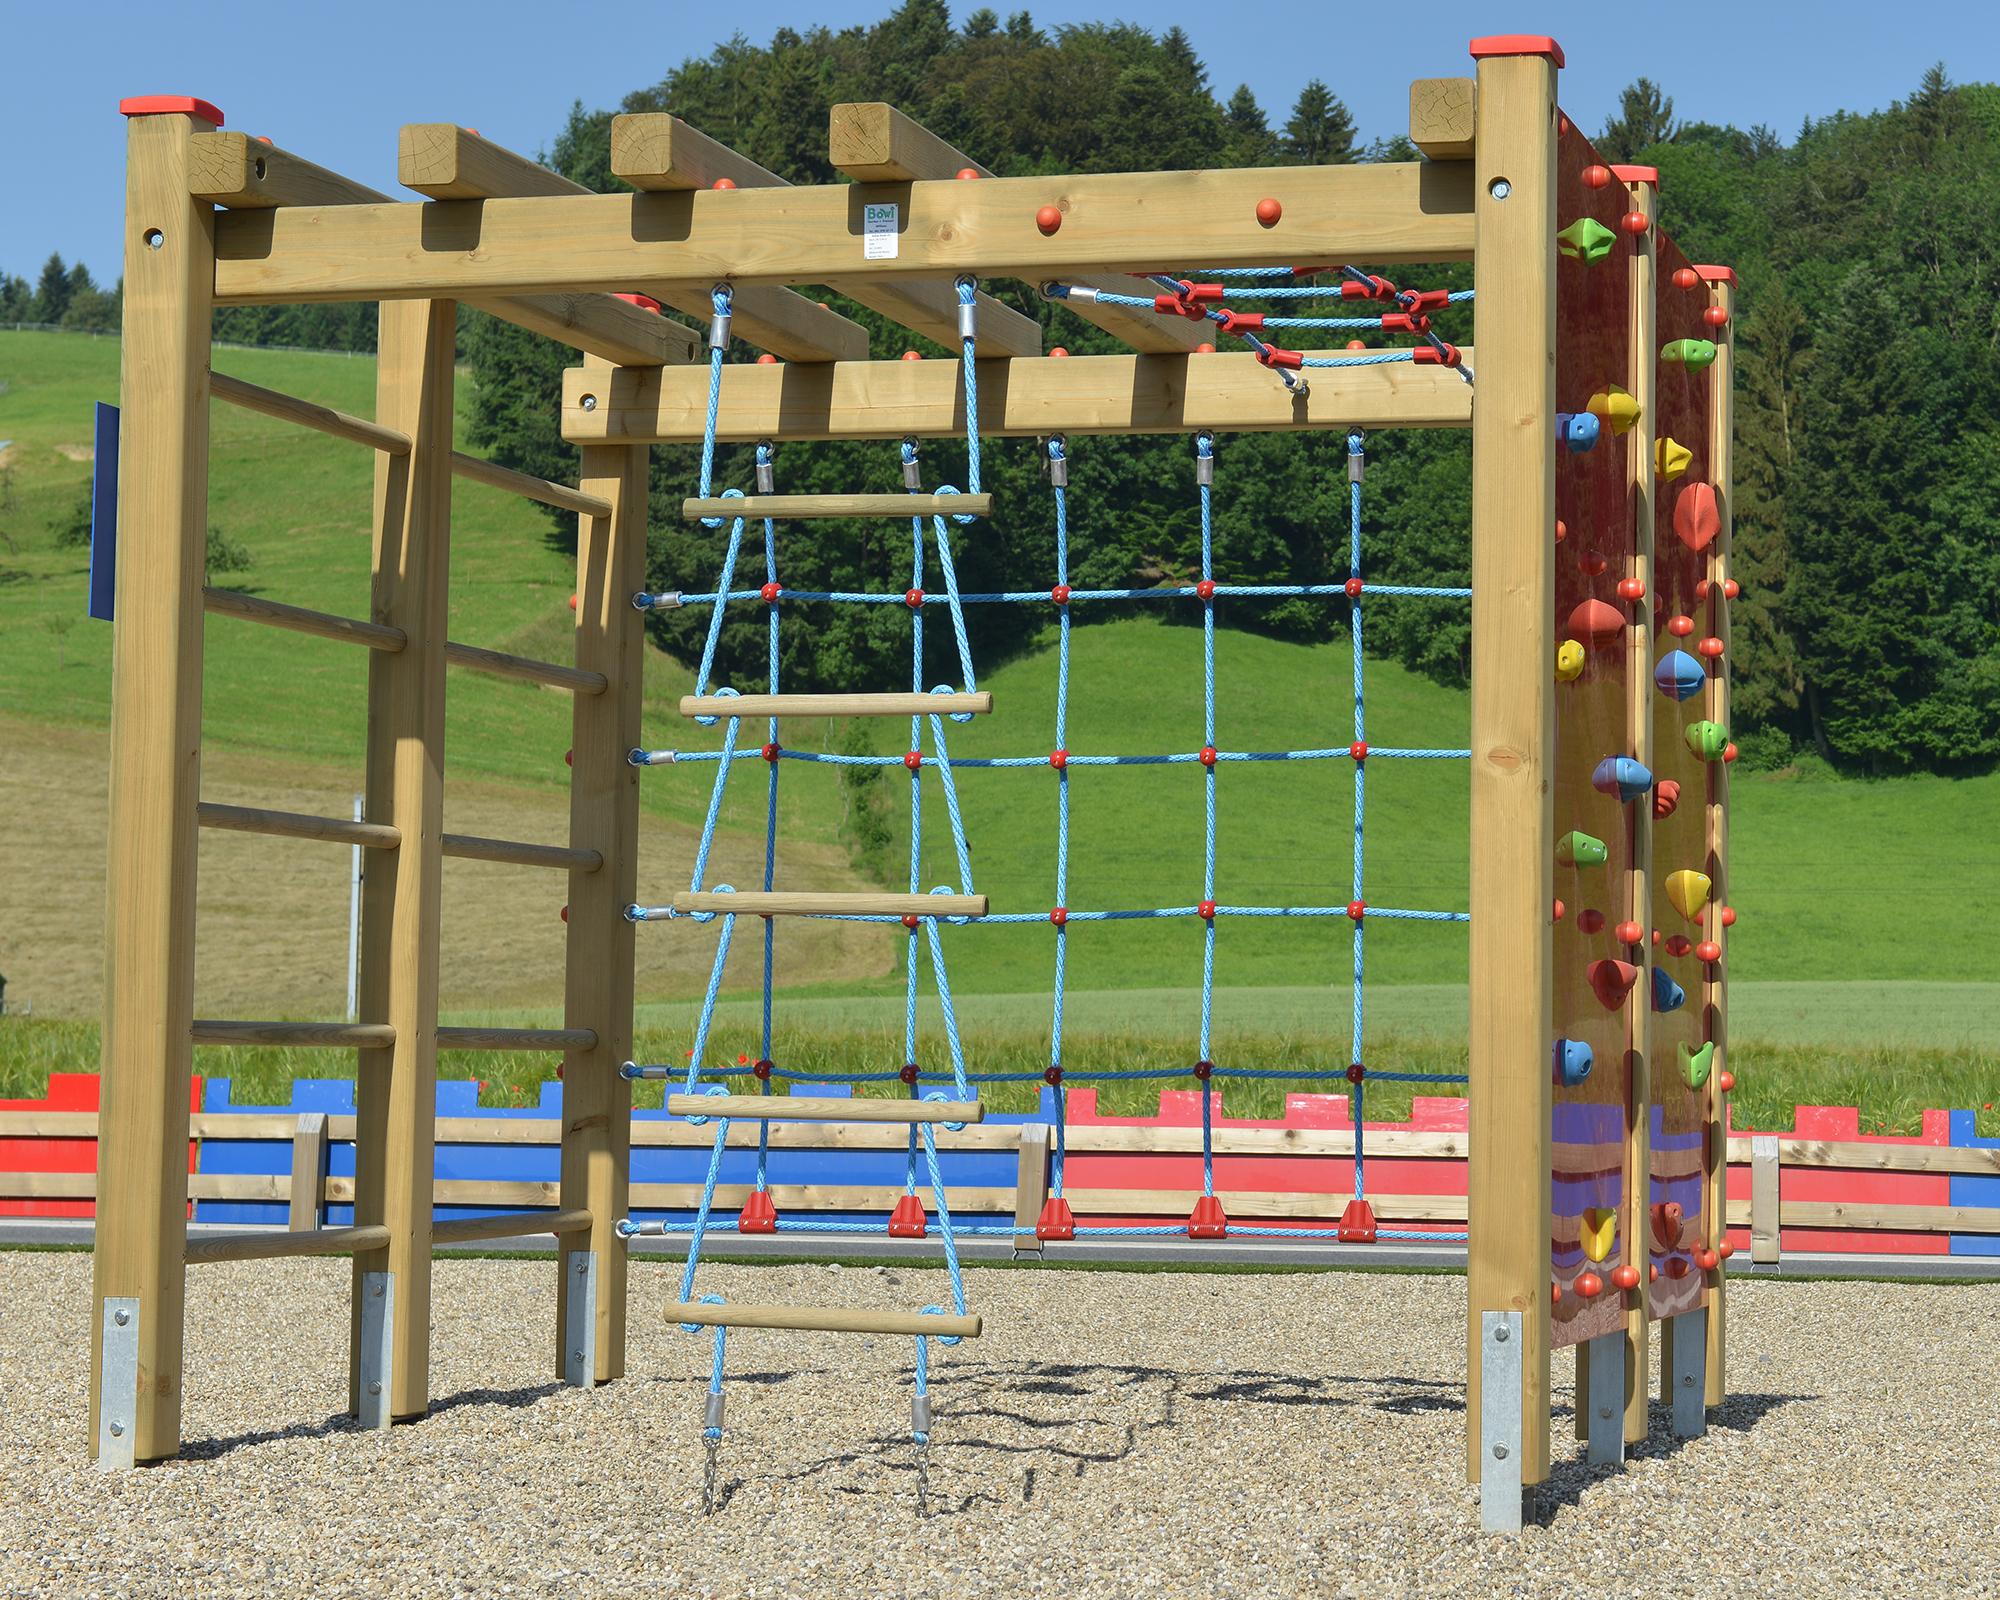 Klettergerüst Für Kinder : Klettergerüst bowi